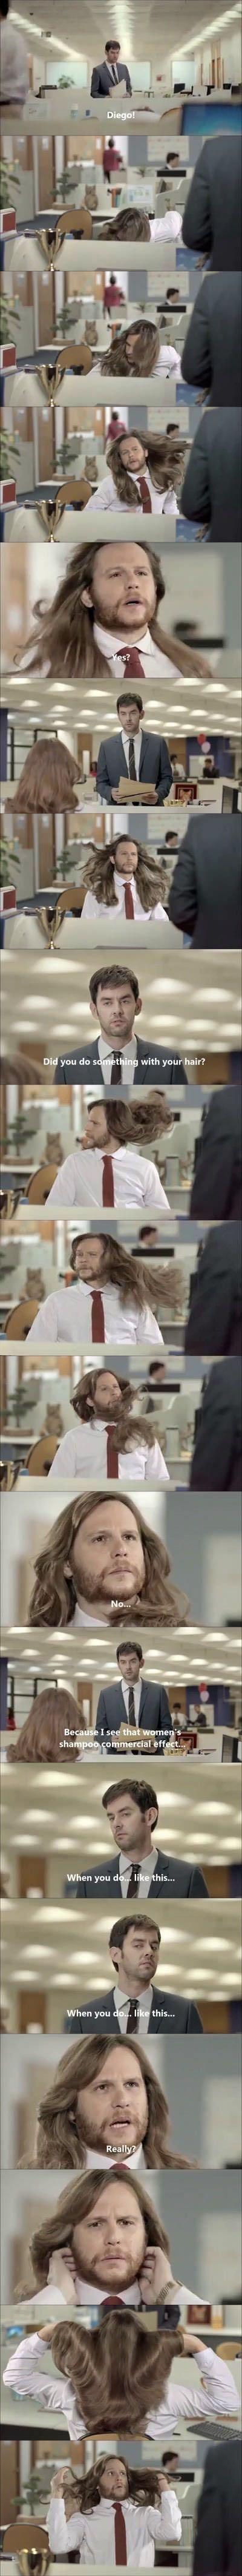 Using womens shampoo